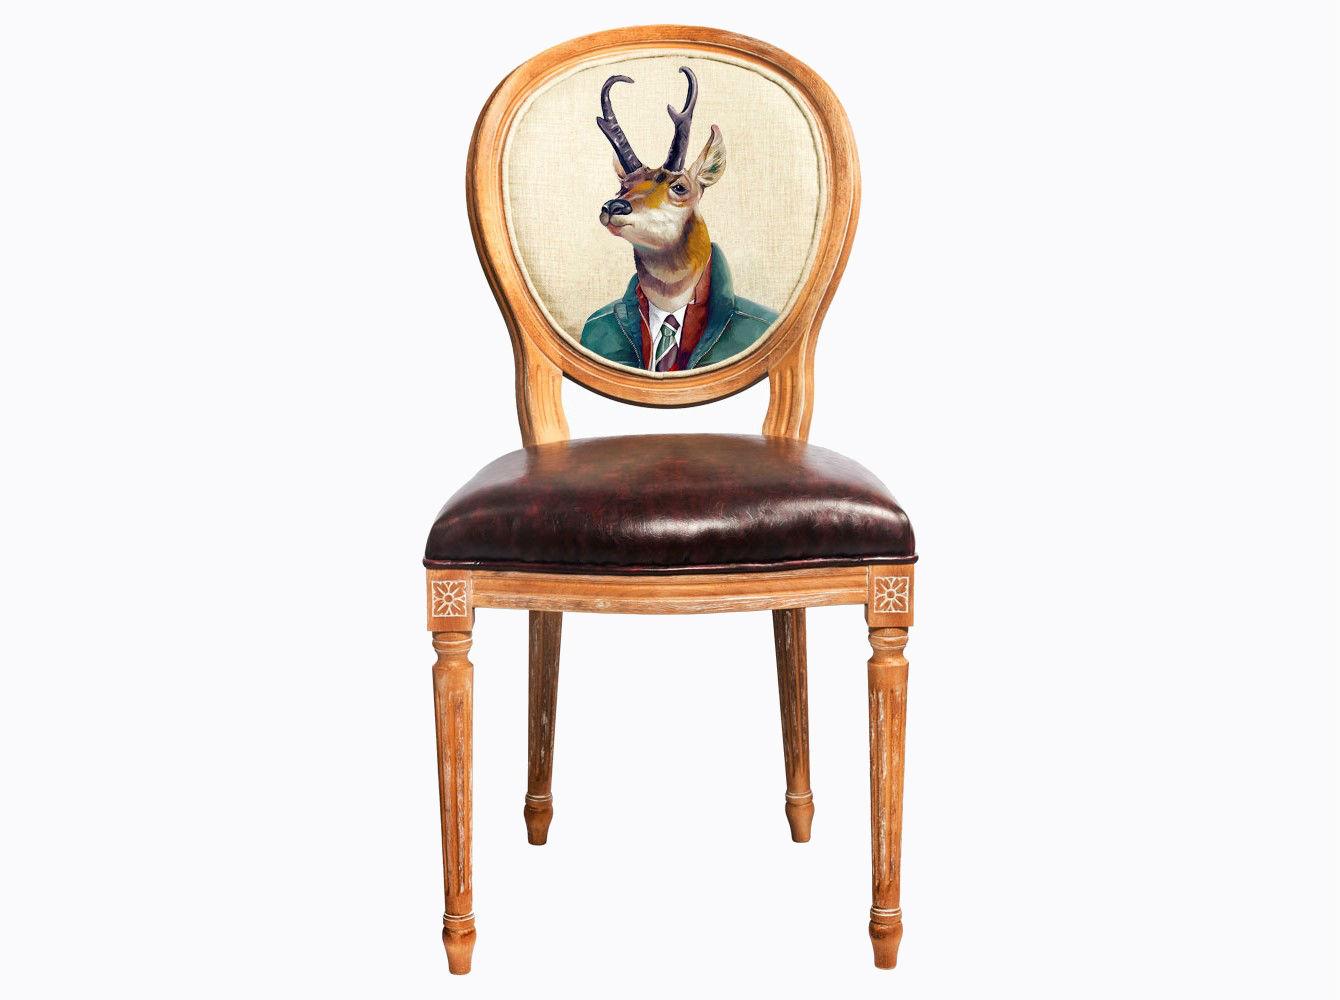 Стул «Мистер Бодо»Обеденные стулья<br>Стул &amp;quot;Мистер Бодо&amp;quot; - фаворит гостиной, столовой, спальни, кабинета, холла и детской комнаты. <br>Корпус стула изготовлен из натурального бука. Среди европейских пород бук считается самым прочным и долговечным материалом. Дизайн создан эффектом экстравагантных сочетаний. Блестящее шоколадное сиденье объединилось со светло-бежевой льняной спинкой, а дворцовый силуэт - с рисунком в жанре современного фэнтези.<br>Приобретая такую модель, можно быть уверенными в её эклектичном единстве с роскошным &amp;quot;ренессансом&amp;quot; и изнеженным &amp;quot;ампиром&amp;quot;, аскетичным &amp;quot;модерном&amp;quot; и салонным &amp;quot;ар-деко&amp;quot;.<br>Благородная фактура натурального дерева вселяют атмосферу тепла, спокойствия и уюта.<br>Стулья с овальными спинками - закон симметричной гармонии окружающего пространства. Овалы идеально рифмуются в интерьере с зеркалами, широкий выбор которых Вы найдете и в нашем каталоге.<br>Мягкость ткани обладает эффектом истинного комфорта.<br>Обивка оснащена тефлоновым покрытием против пятен.<br>Комфортабельность, прочность и долговечность сиденья обеспечены подвеской из эластичных ремней.&amp;amp;nbsp;&amp;lt;div&amp;gt;&amp;lt;br&amp;gt;&amp;lt;/div&amp;gt;&amp;lt;div&amp;gt;&amp;lt;span style=&amp;quot;line-height: 24.9999px;&amp;quot;&amp;gt;Материал обивки: экокожа.&amp;lt;/span&amp;gt;&amp;lt;br&amp;gt;&amp;lt;/div&amp;gt;<br><br>Material: Дерево<br>Width см: 47<br>Depth см: 50<br>Height см: 98